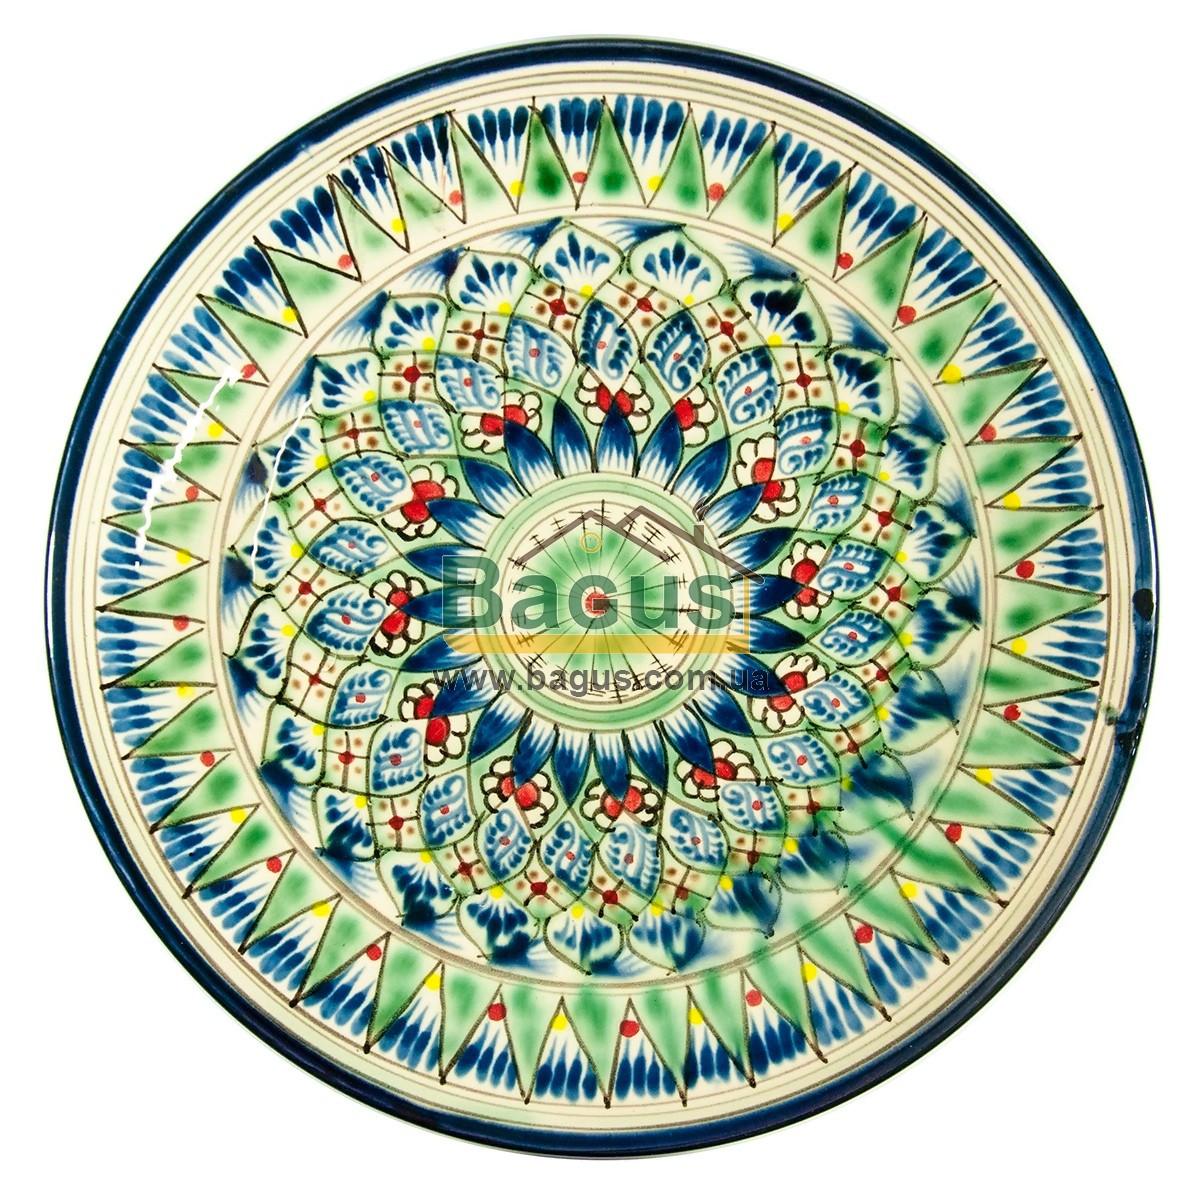 Тарілка узбецька діаметр 27см висота 3,5 см ручна робота 2704-05